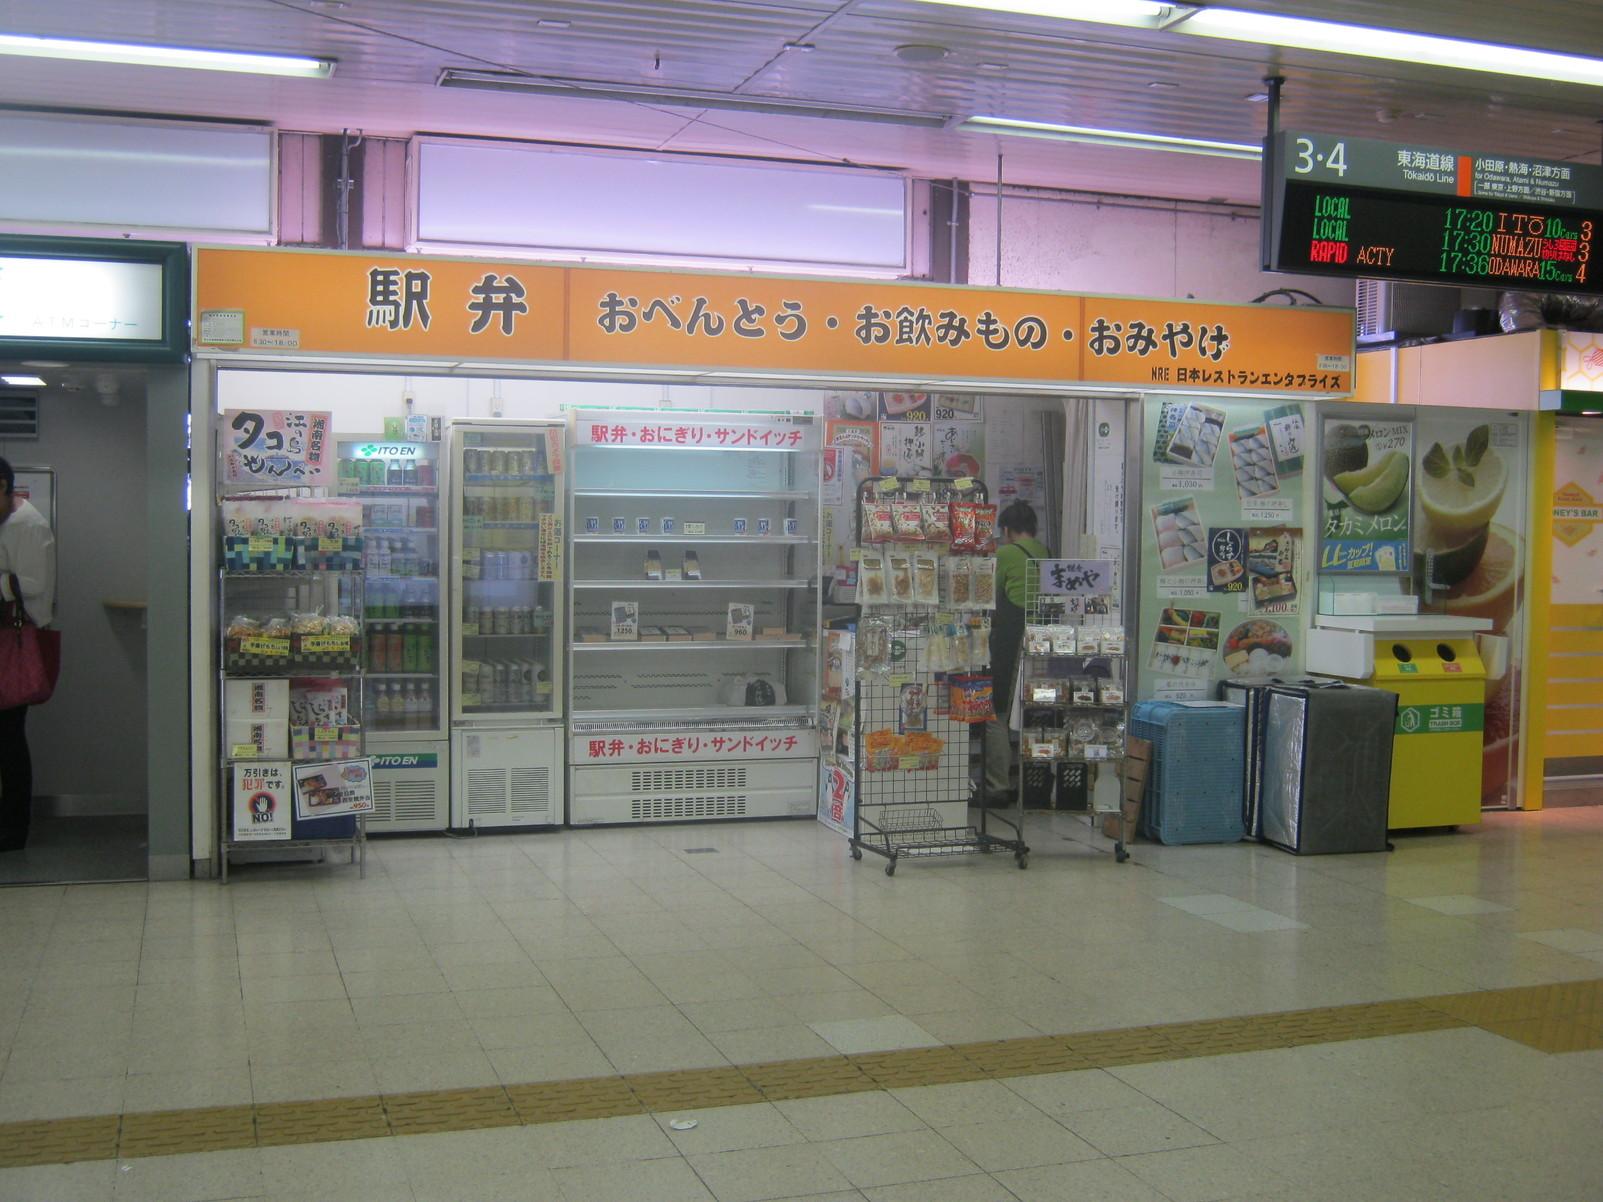 平塚弁当売店